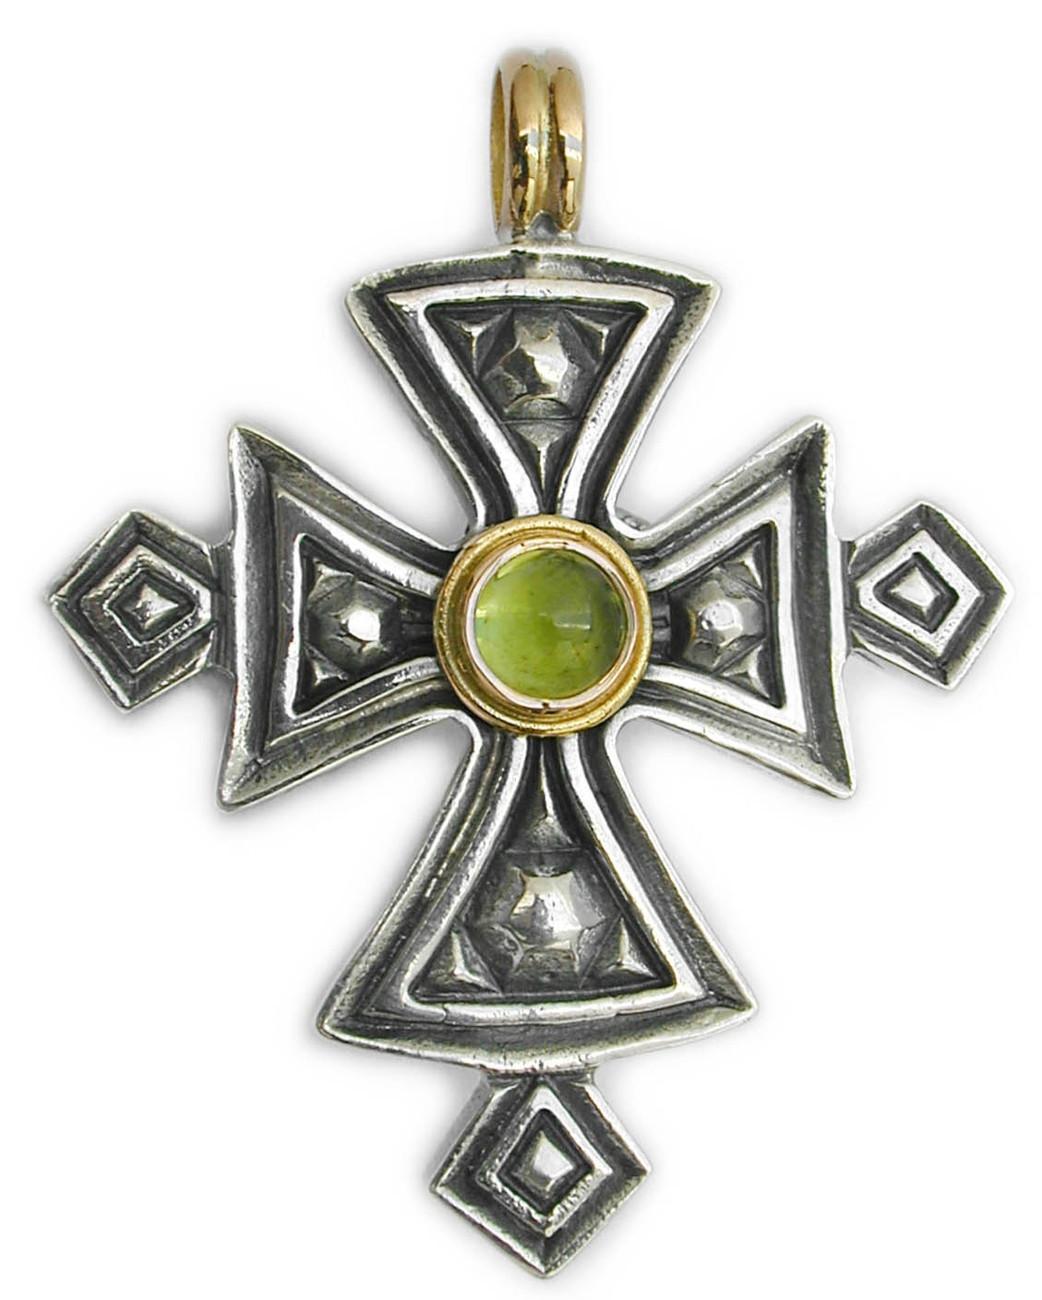 02005053 gerochristo 5053 silver gold peridot coptic cross 1